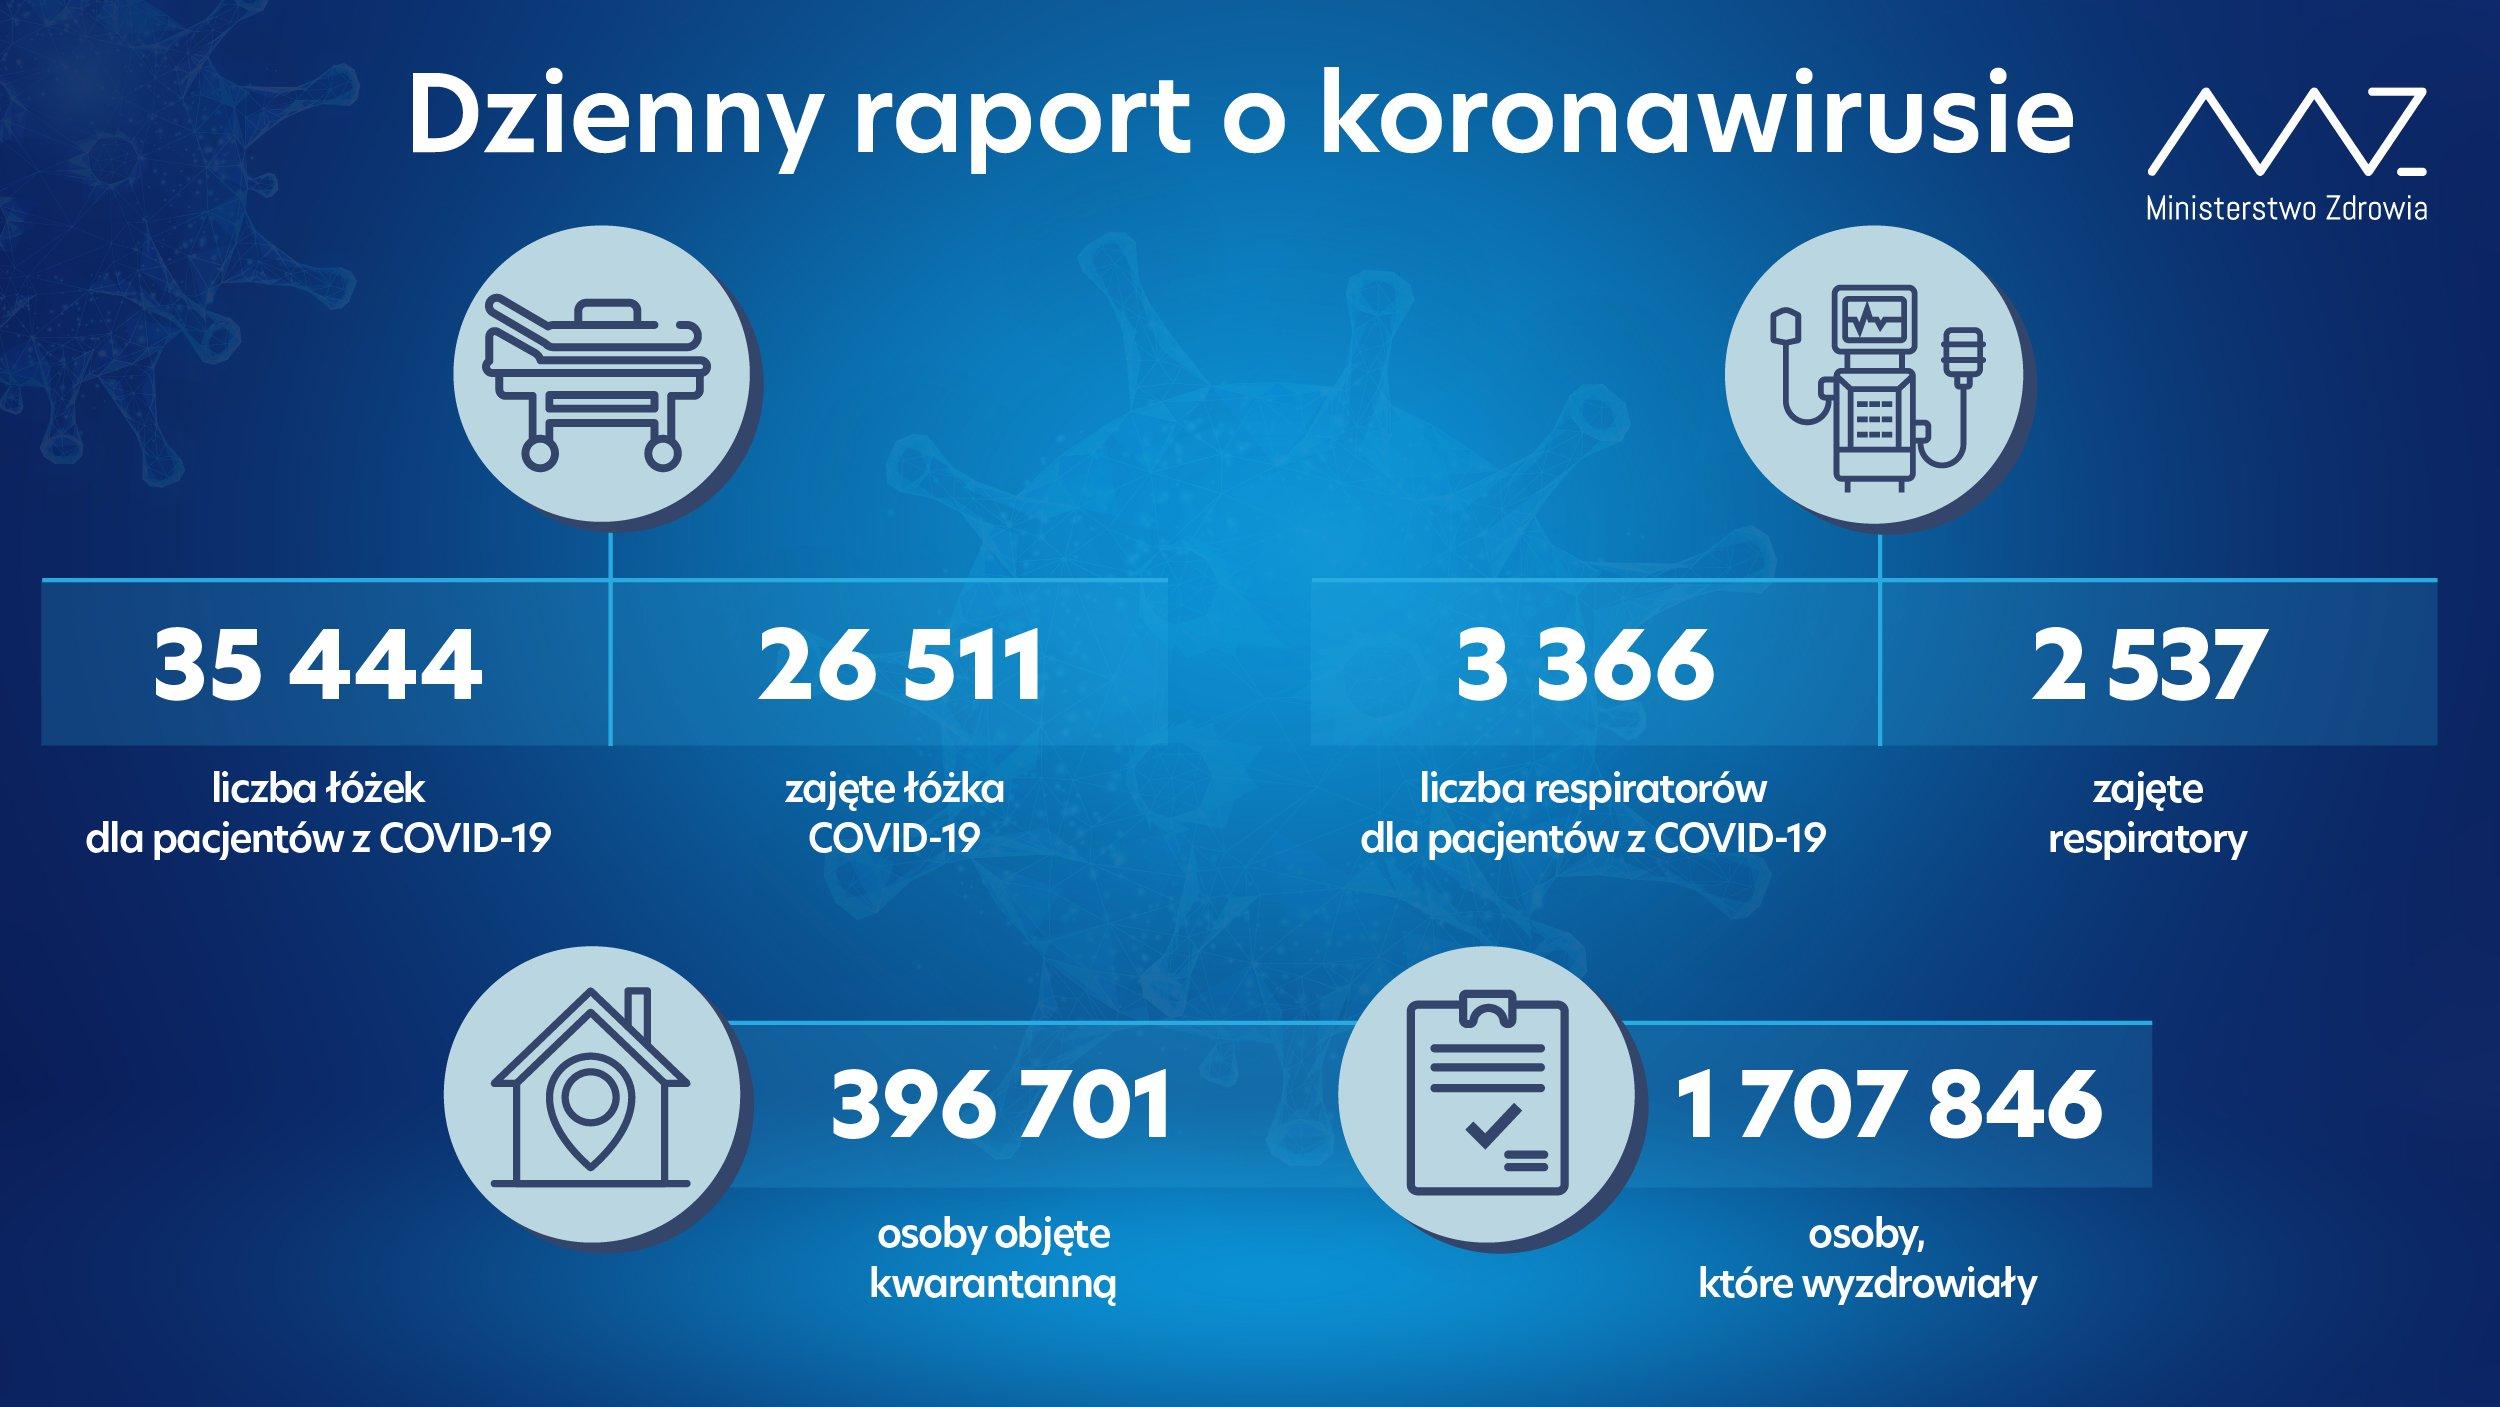 - liczba łóżek dla pacjentów z COVID-19: 35 444 - liczba łóżek zajętych: 26 511 - liczba respiratorów dla pacjentów z COVID-19: 3 366 - liczba zajętych respiratorów: 2 537 - liczba osób objętych kwarantanną: 396 701 - liczba osób, które wyzdrowiały: 1 707 846.